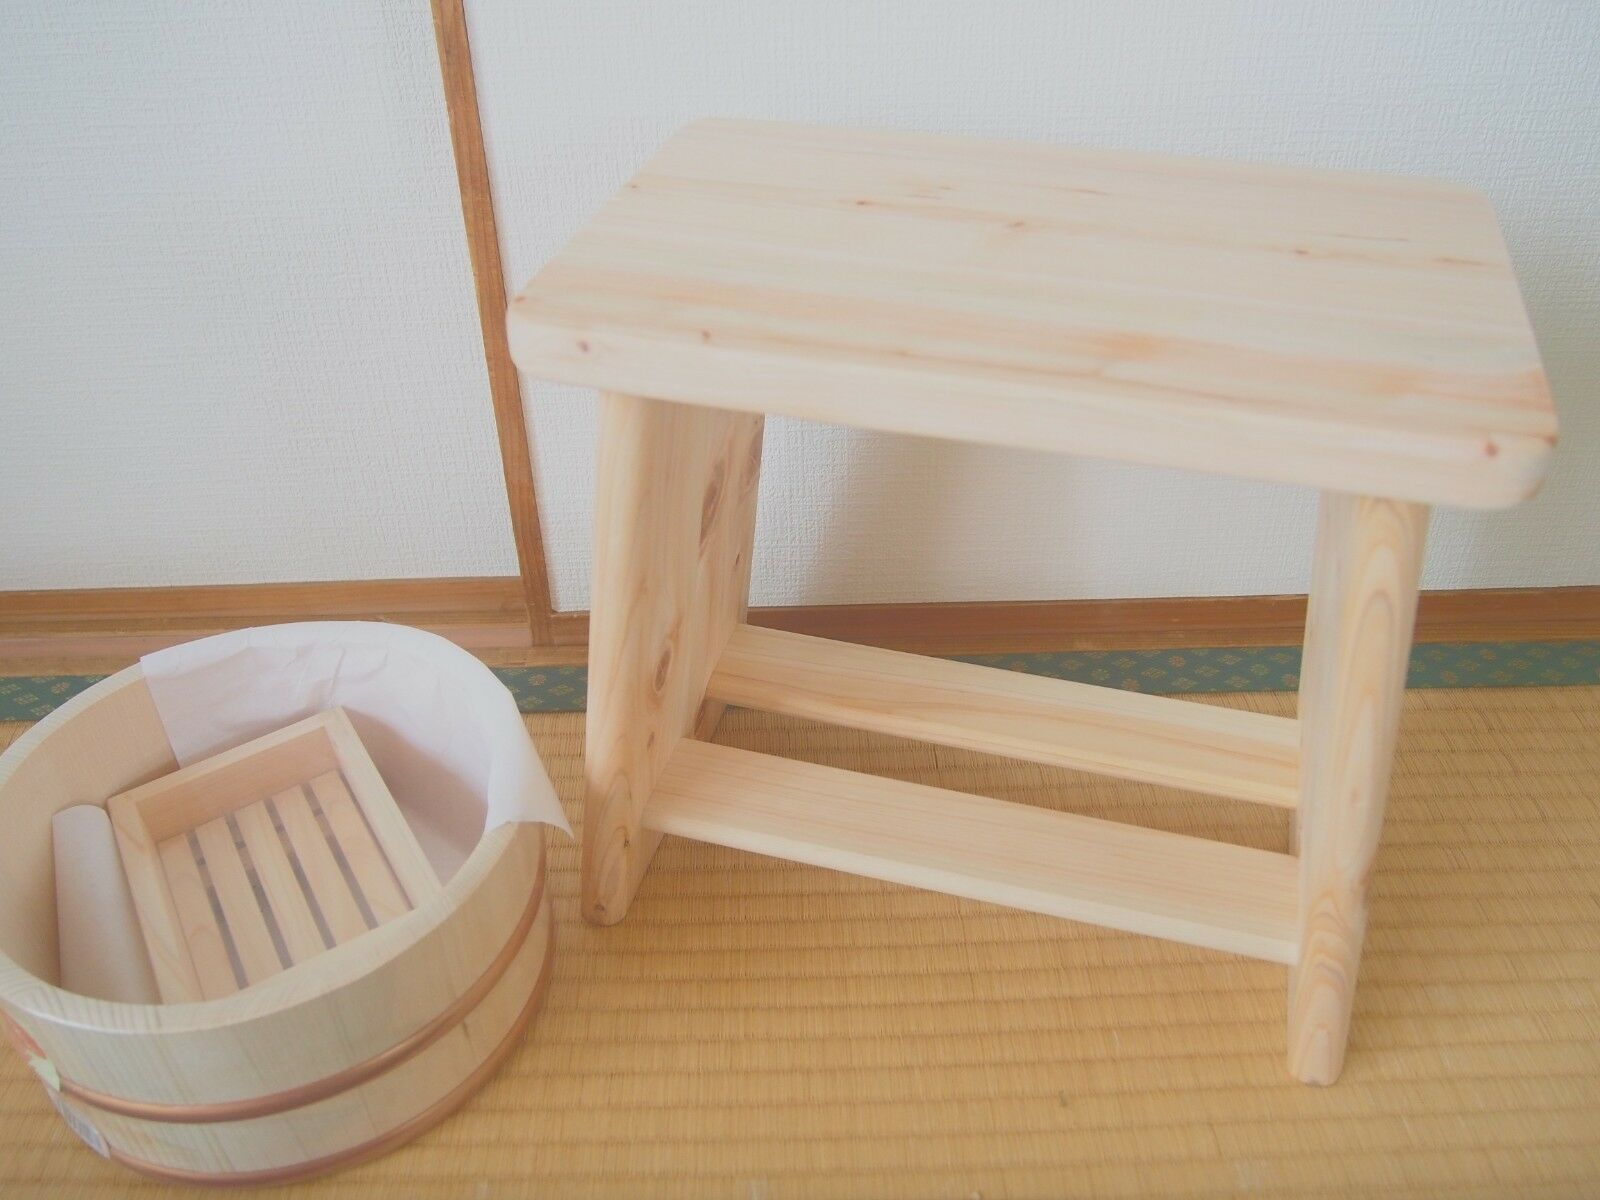 Oke Hoshino industry bath three-piece set A A set cypress bath chair Made in Japan 9f8217